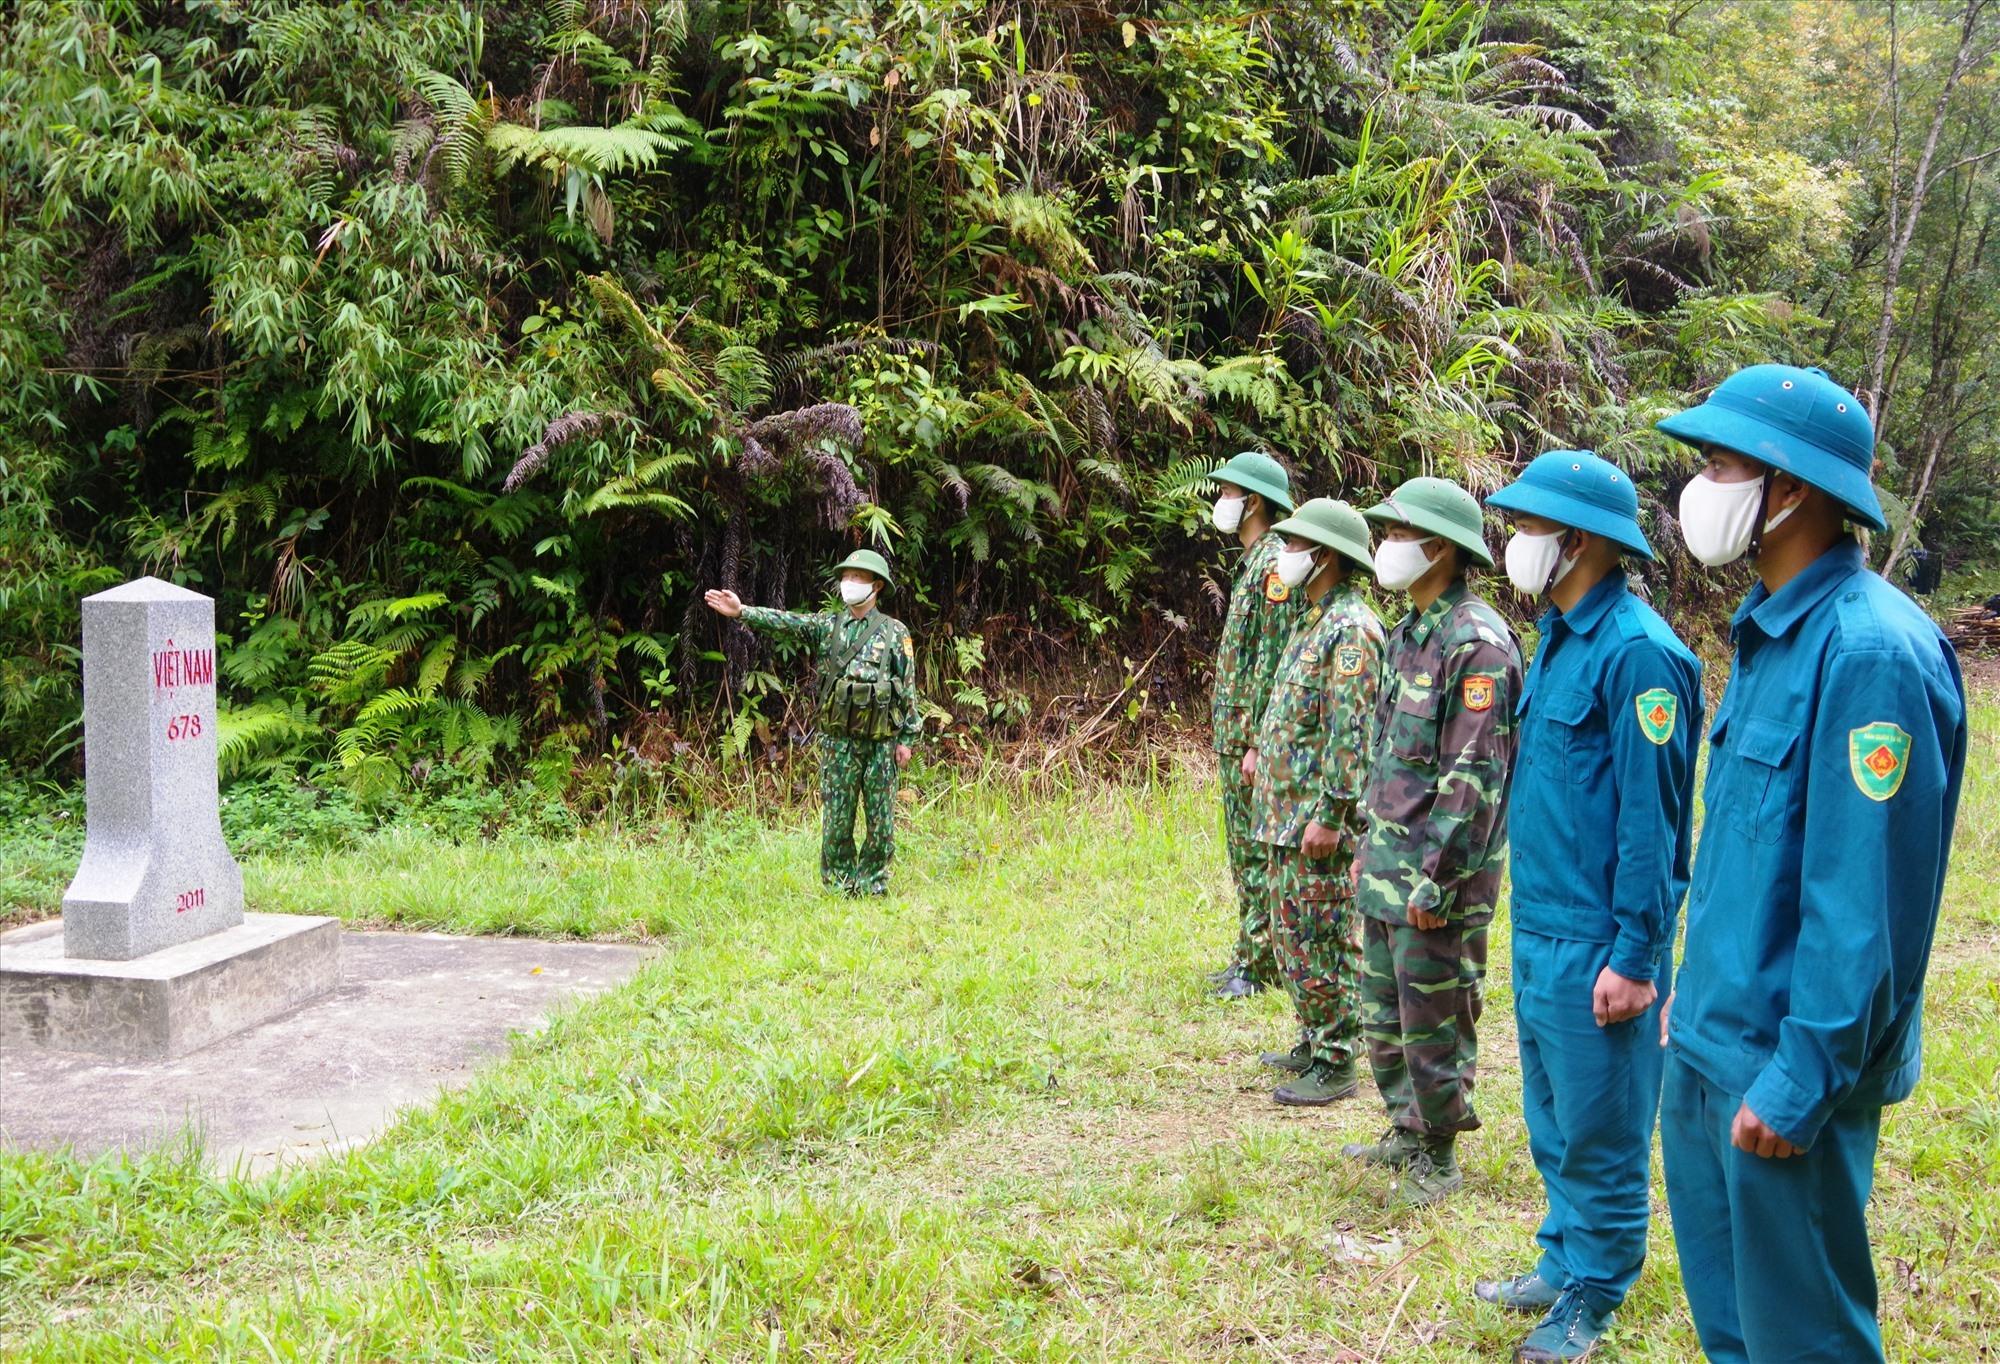 Cán bộ, chiến sĩ và dân quân địa phương tuần tra bảo vệ biên giới. Ảnh: Đ.H